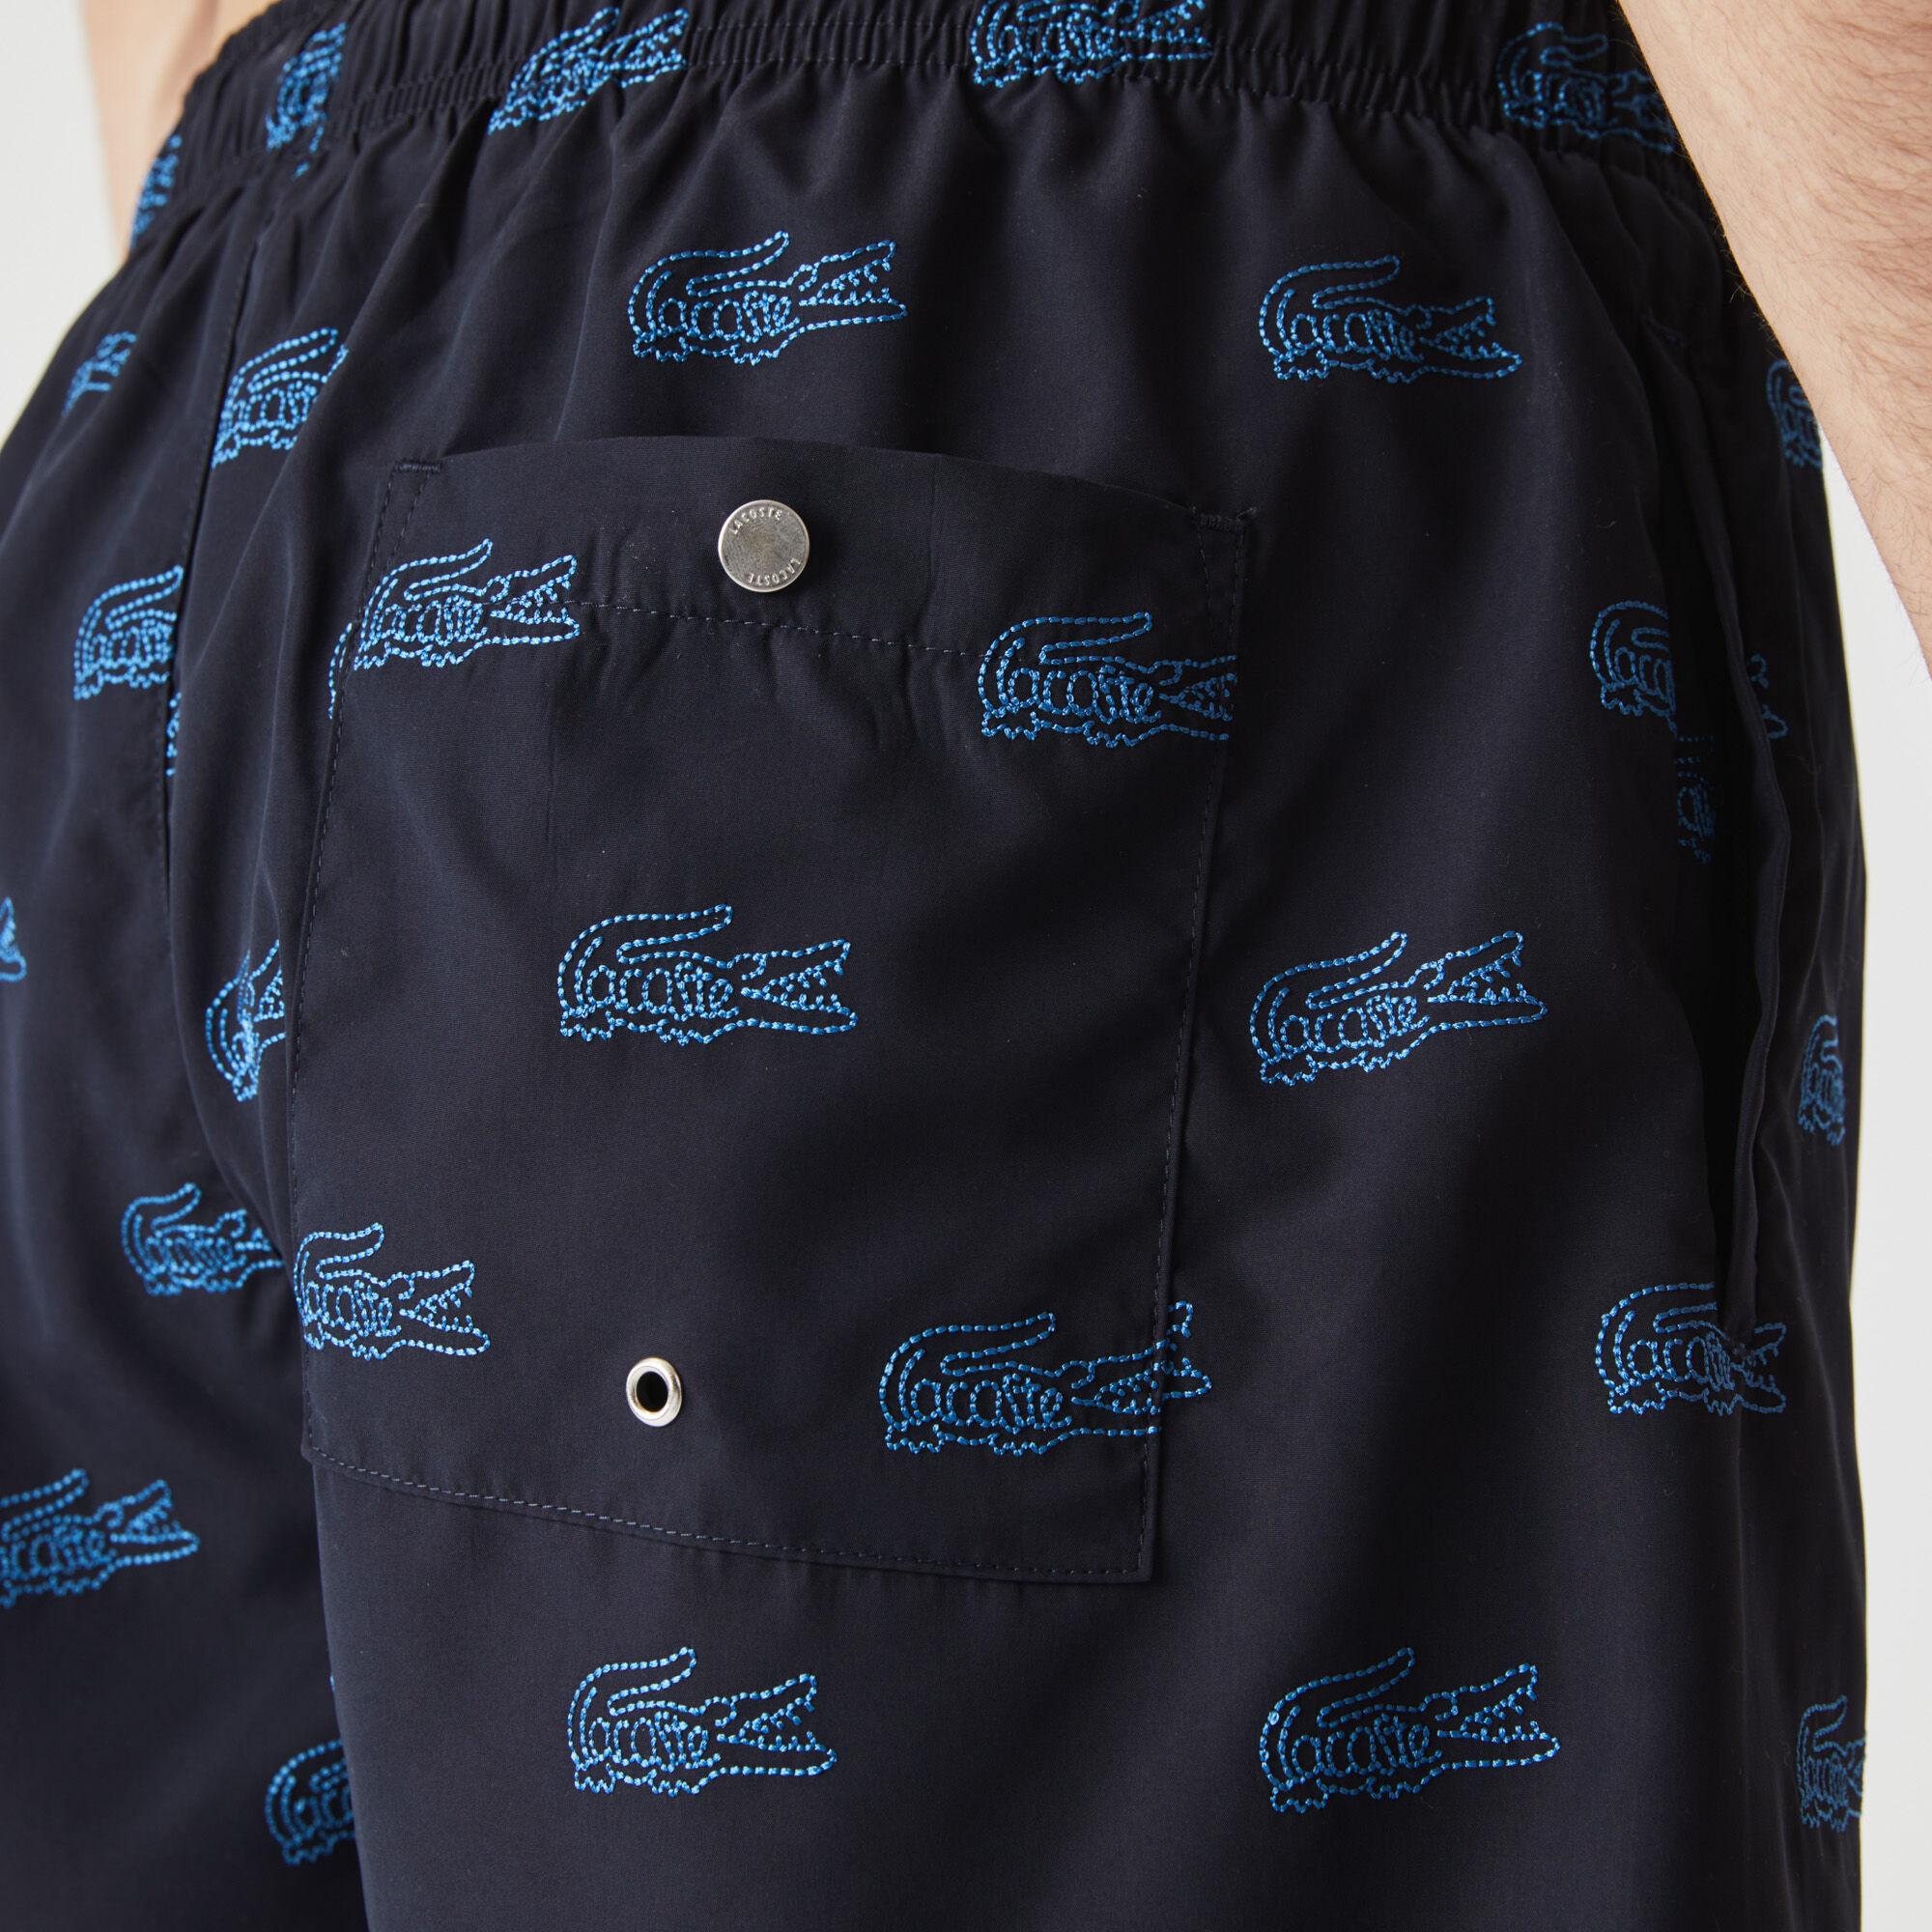 Men's Embroidered Crocodile Design Swimming Trunks